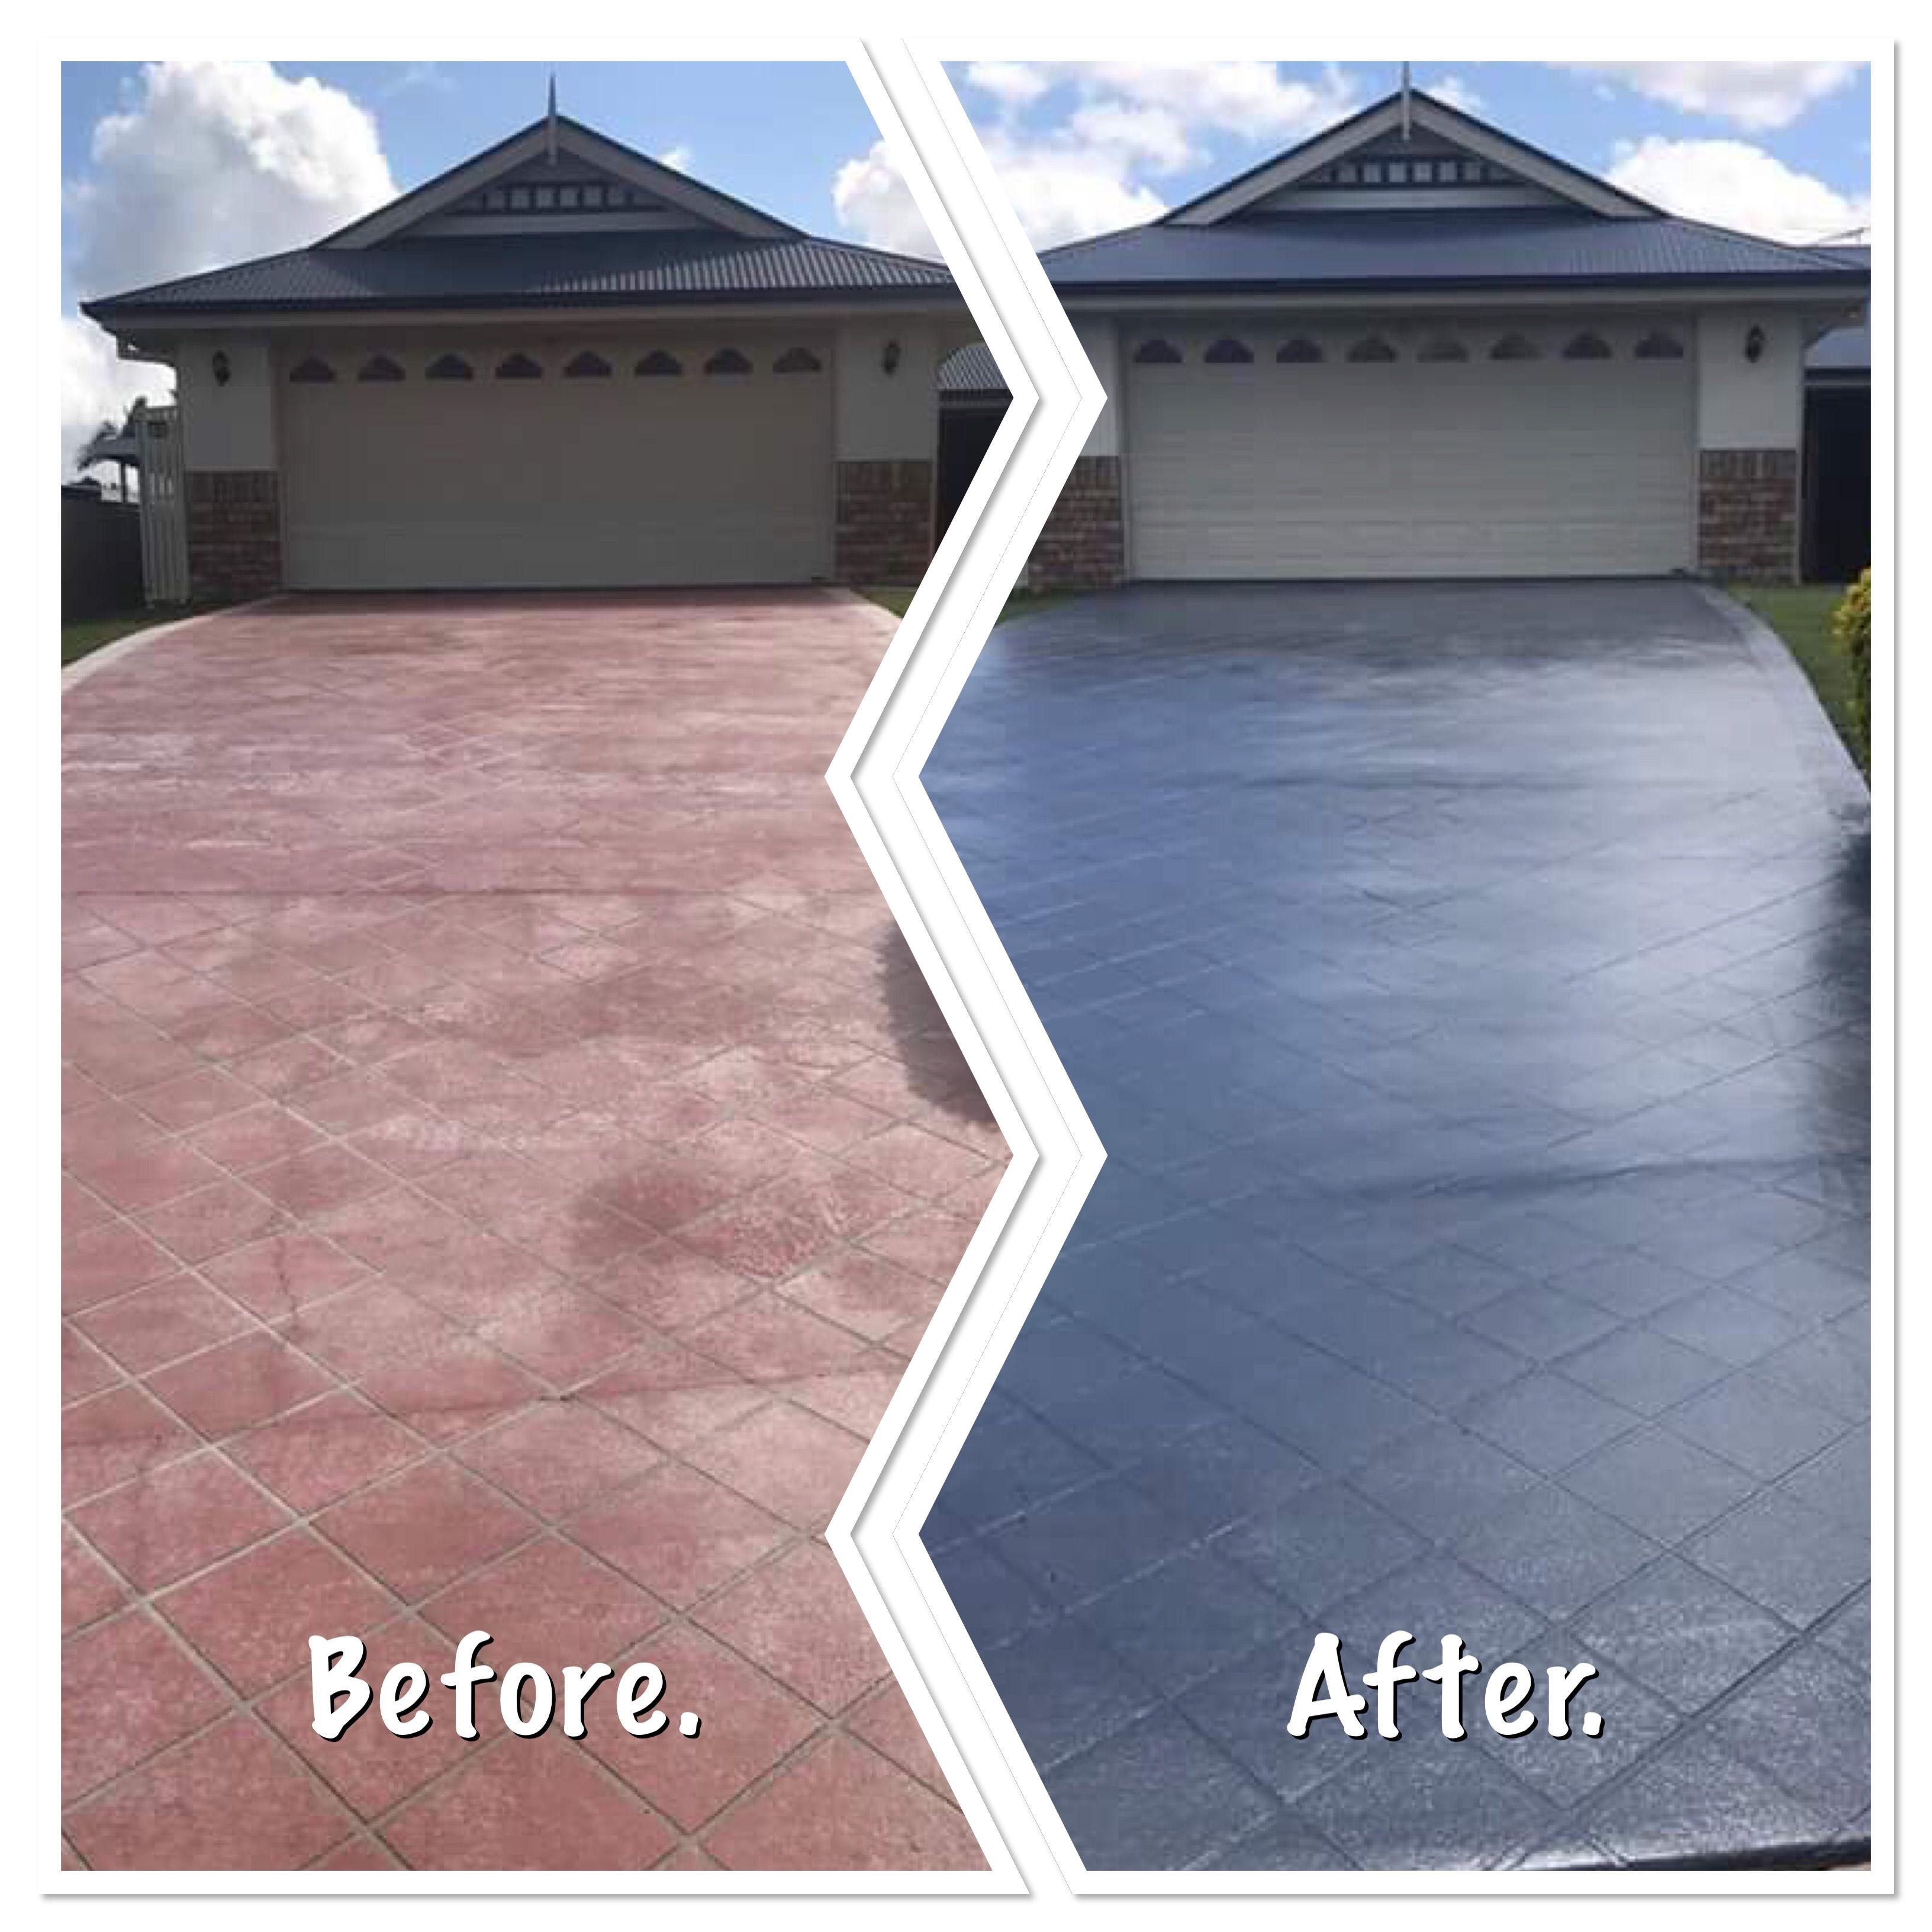 Driveway Painting Sealing In Brisbane By Waterworx Pressure Cleaning Modern Driveway Pressure Washing Roof Repair